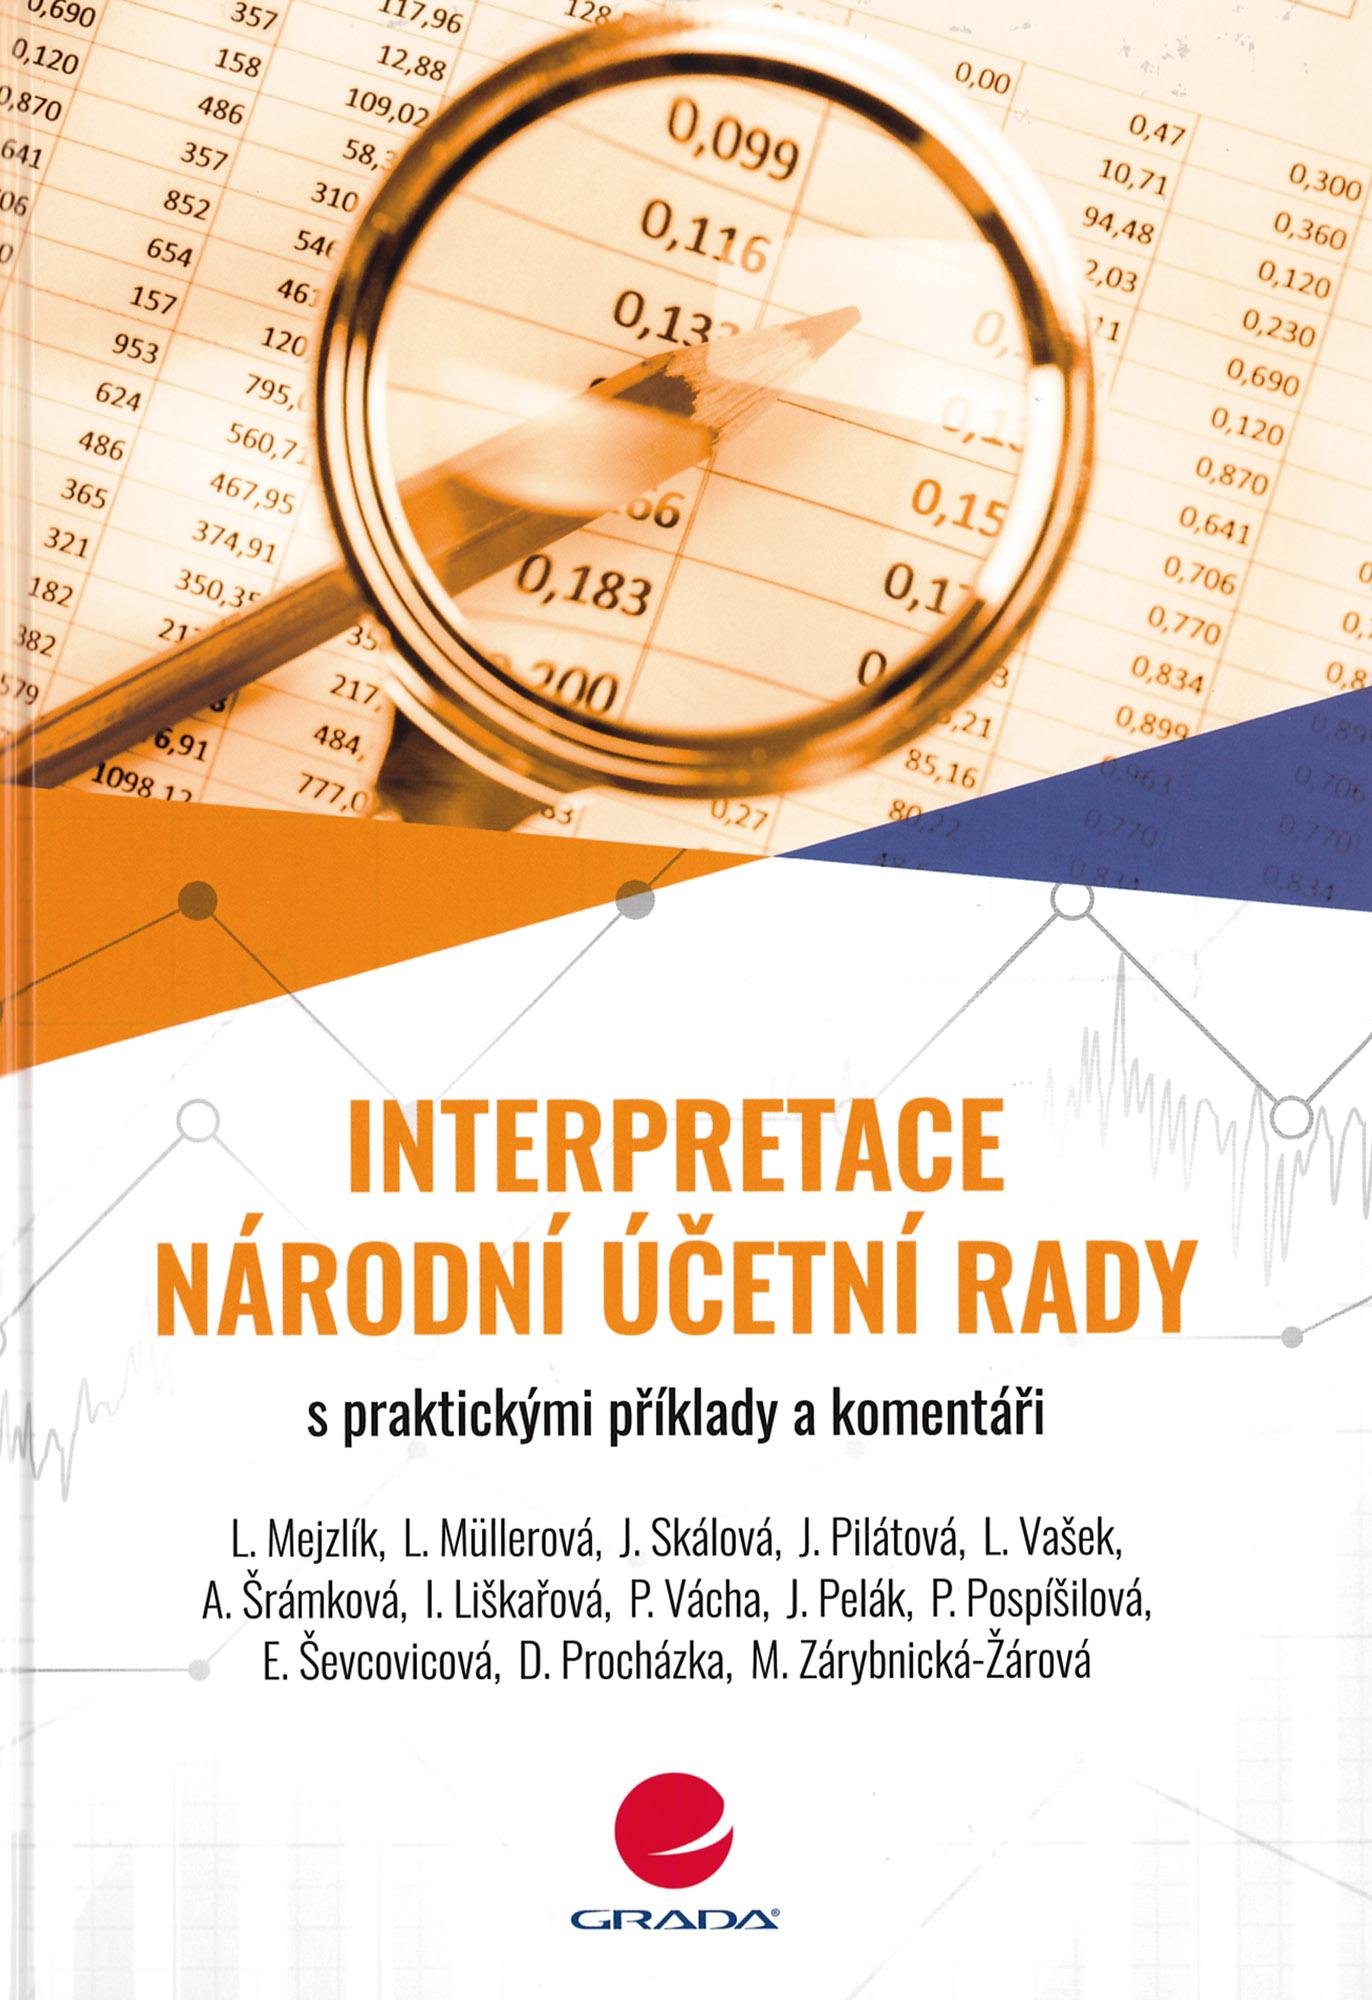 Nová publikace Národní účetní rady